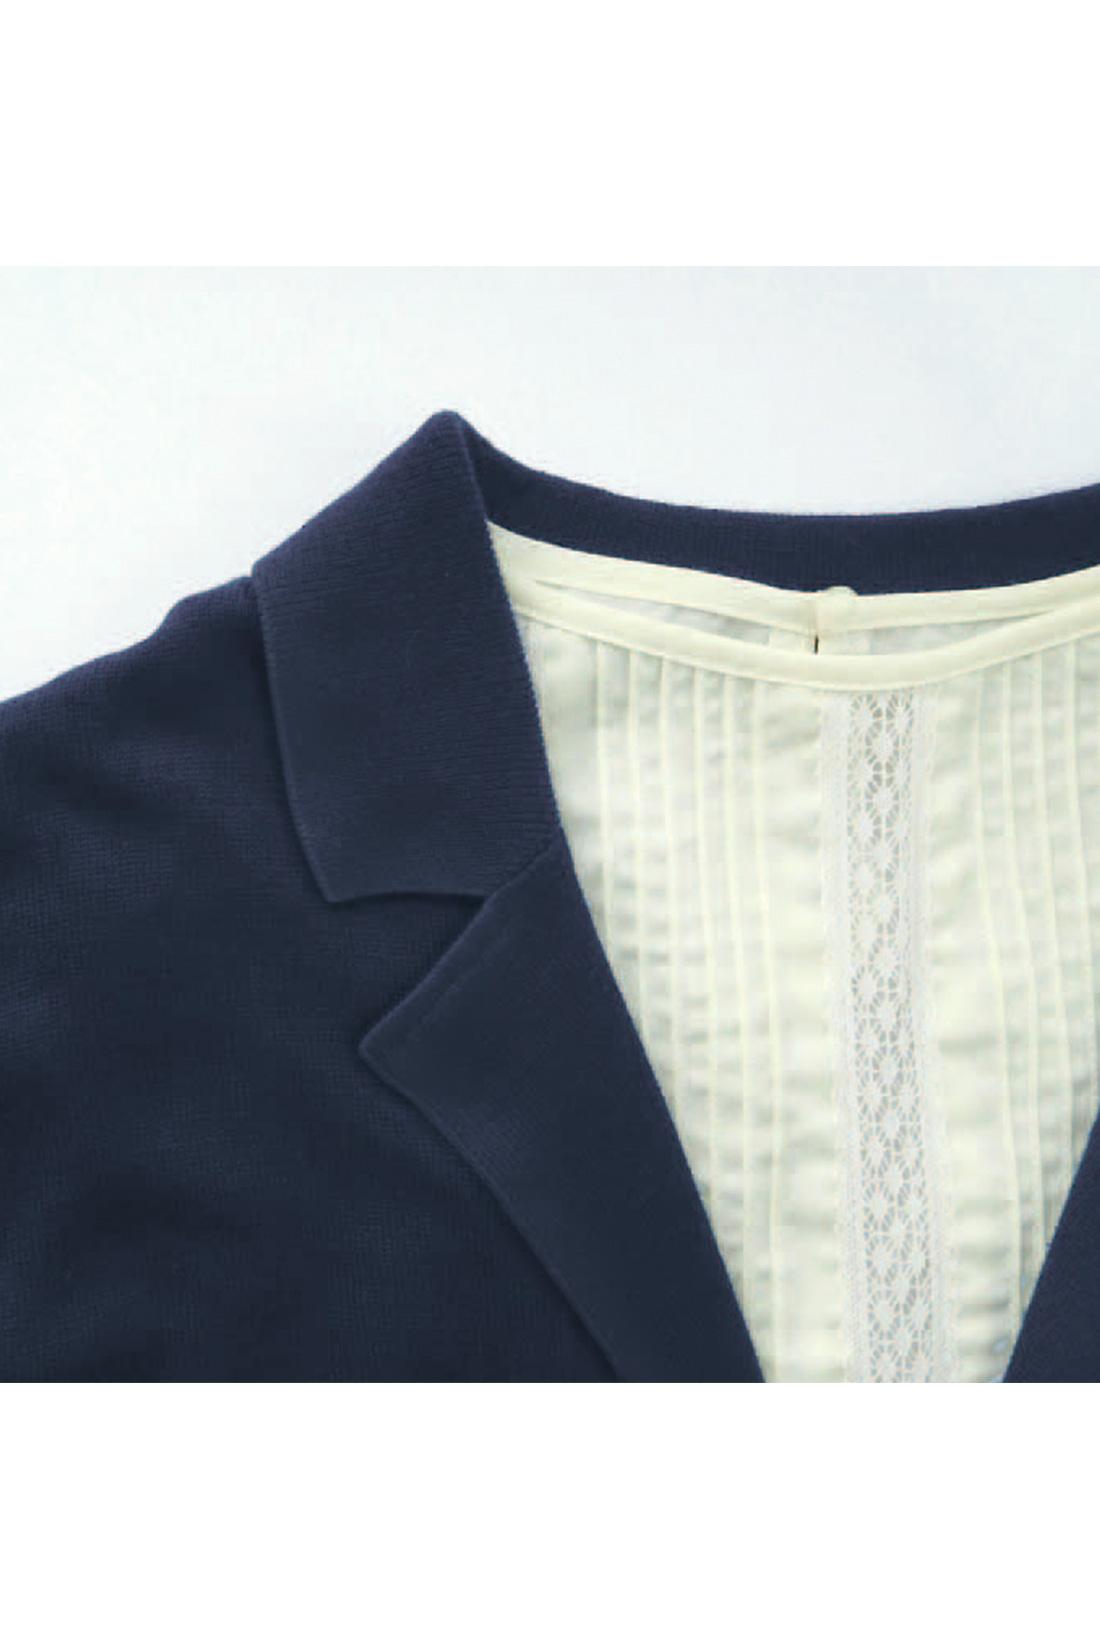 [ジャケットみたいな衿が。]ニットだけど、きれいな衿の形が自慢の仕上がり。